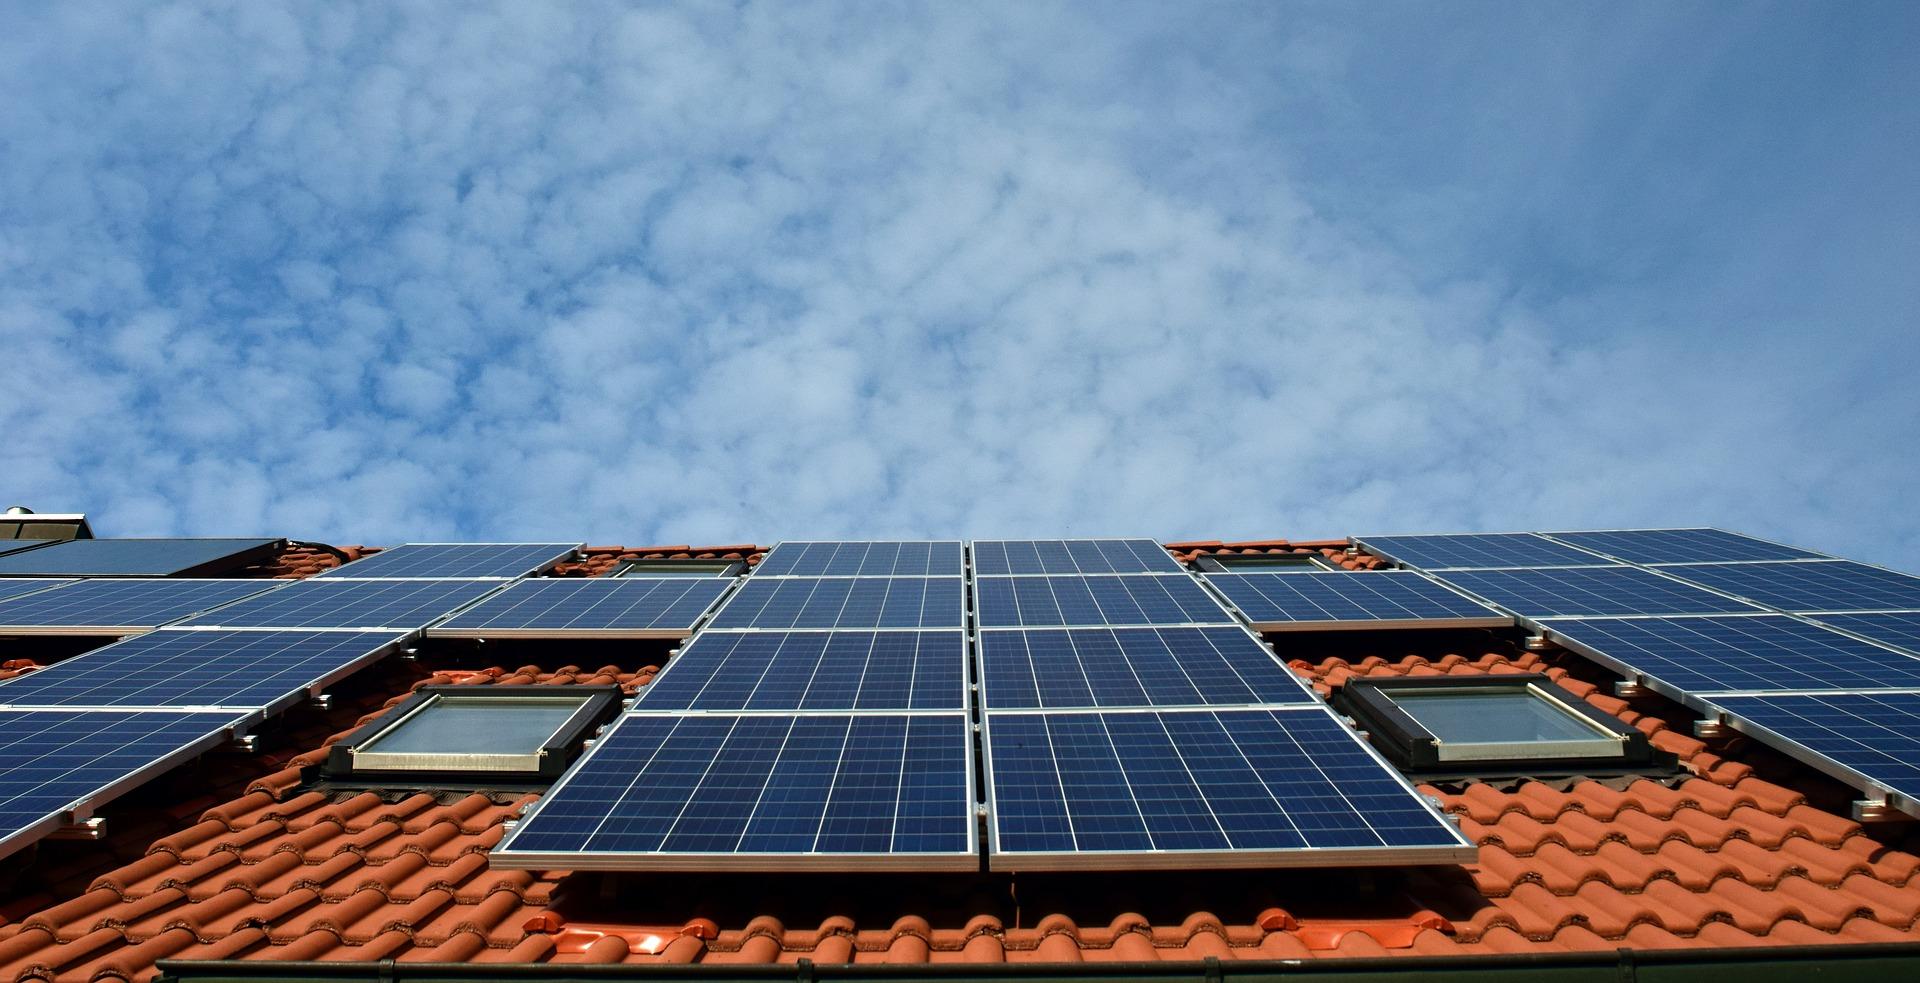 Vemos o telhado de uma casa onde foram instalados diversos painéis de captação de luz solar para produção de energia (imagem ilustrativa). Texto: franquias sustentáveis.